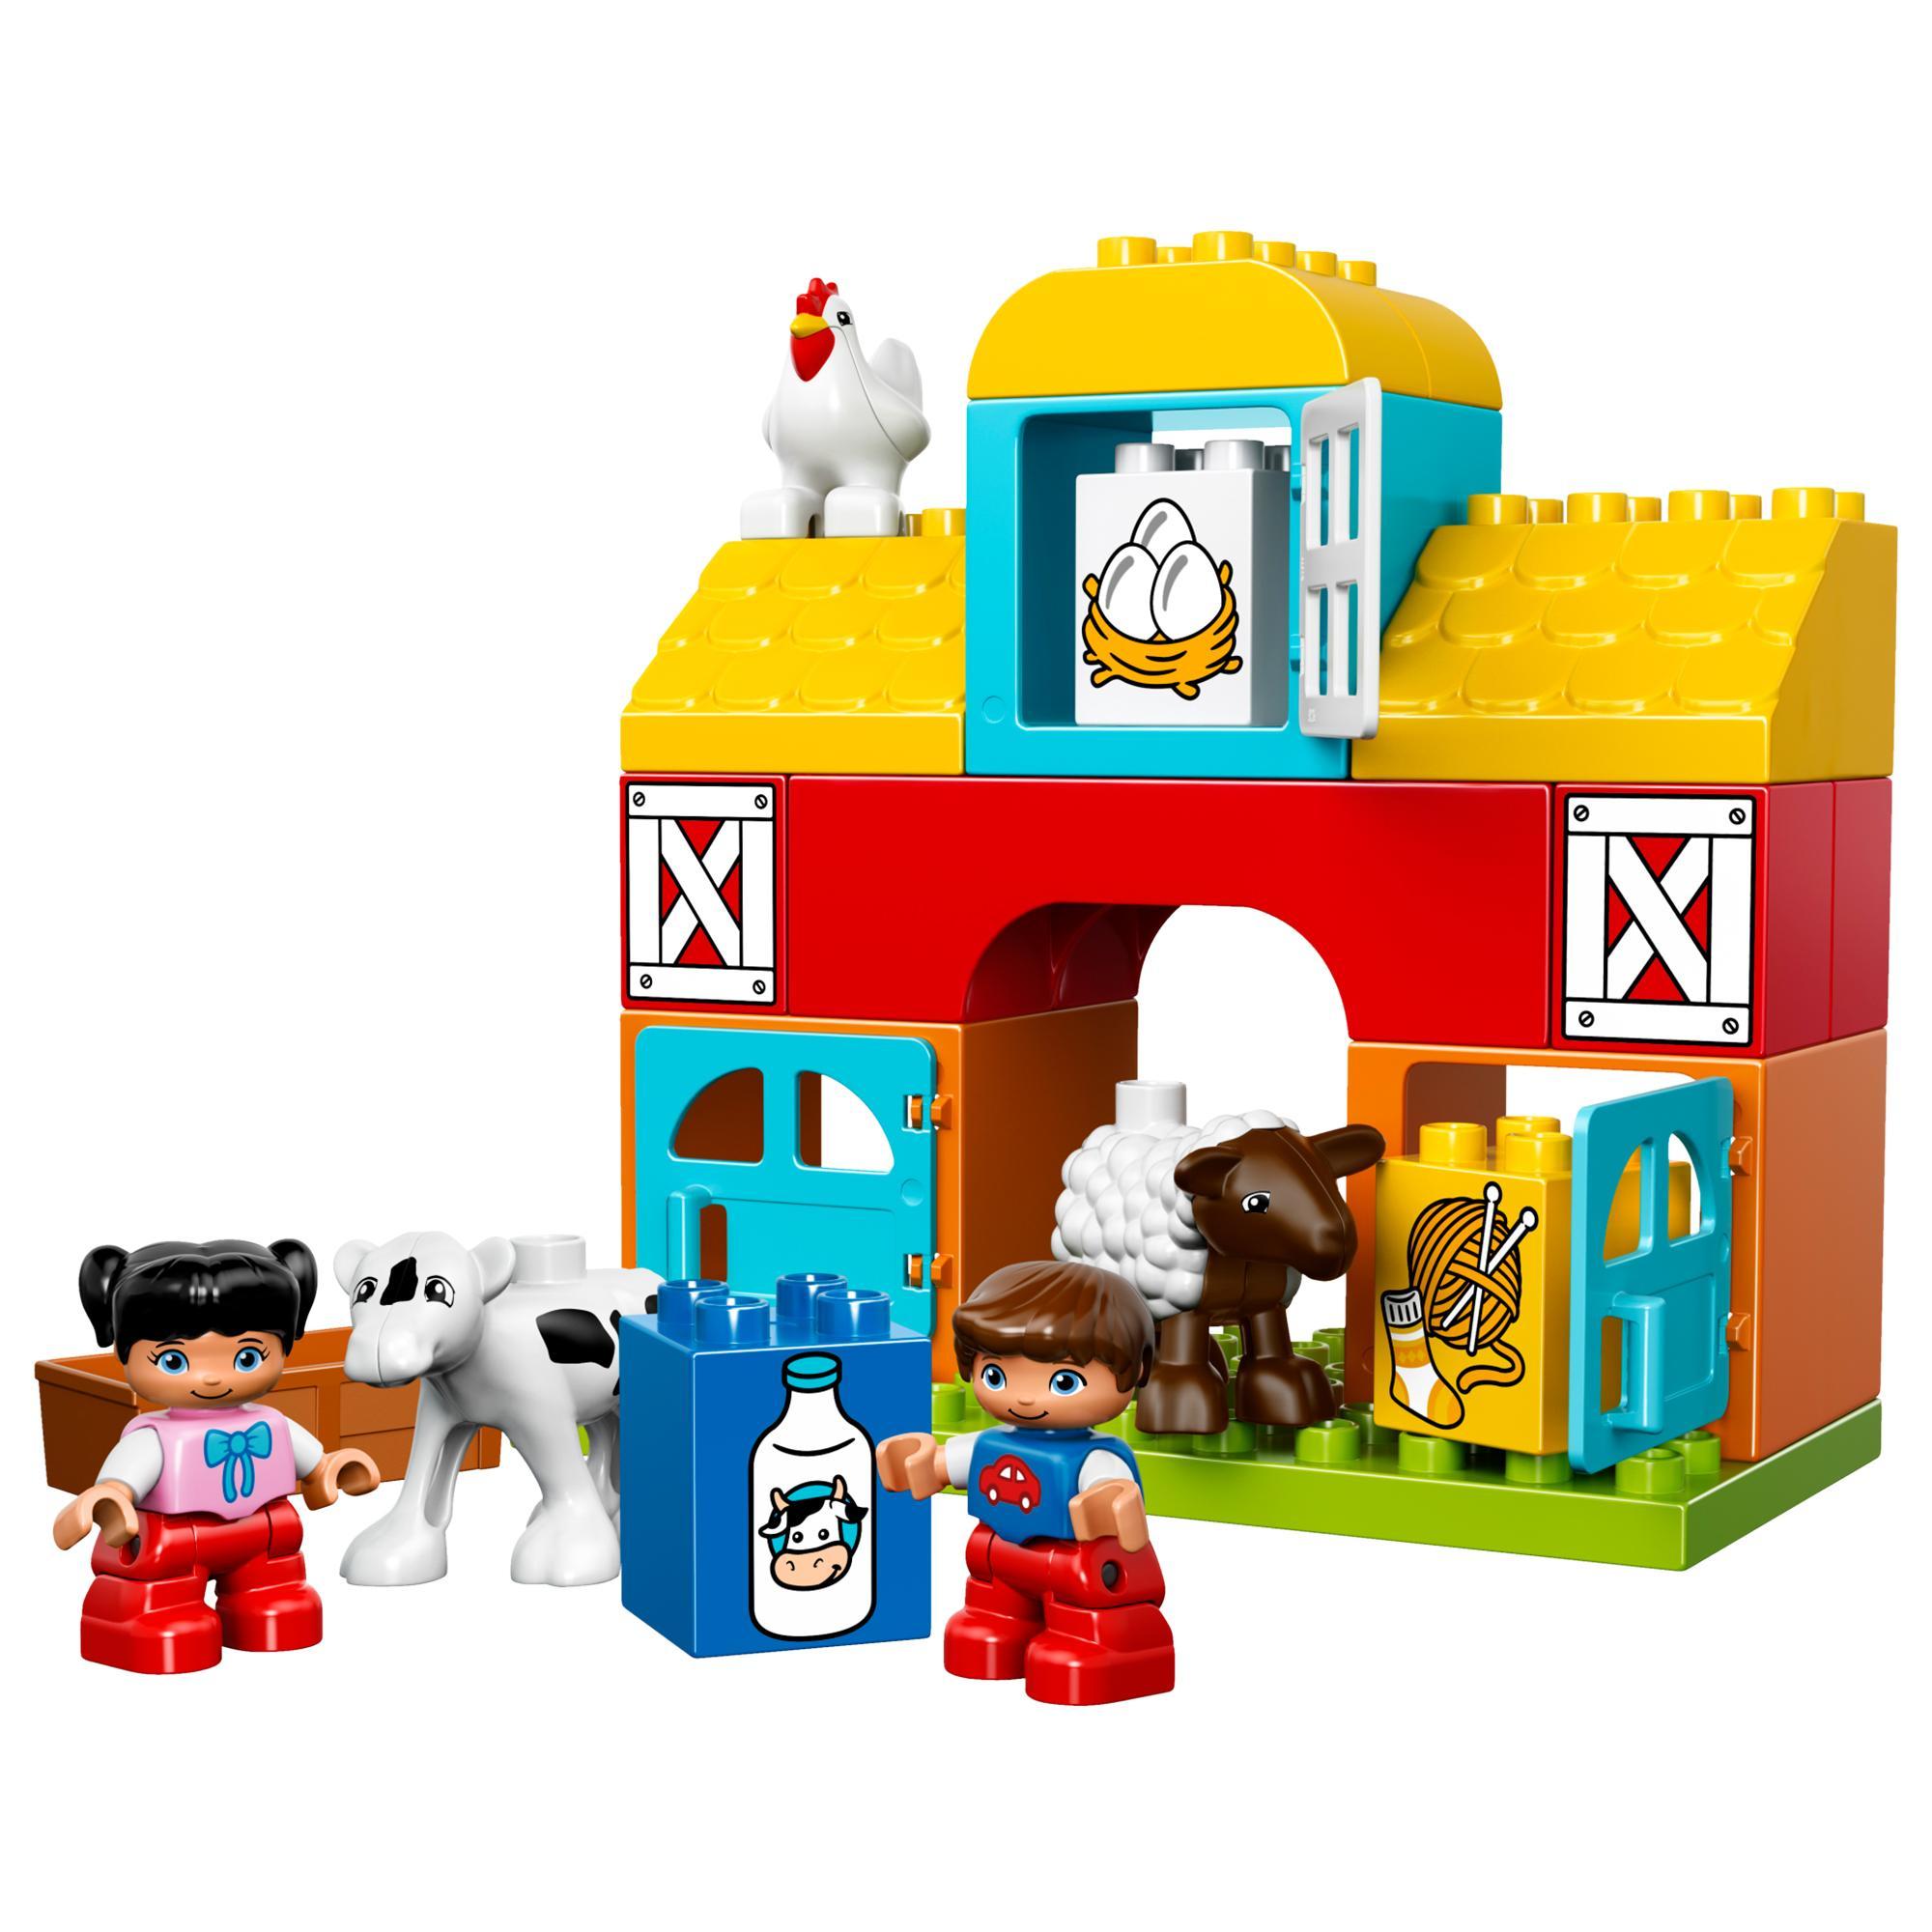 Lego Duplo Klocki 10617 Moja Pierwsza Farma 7389491948 Oficjalne